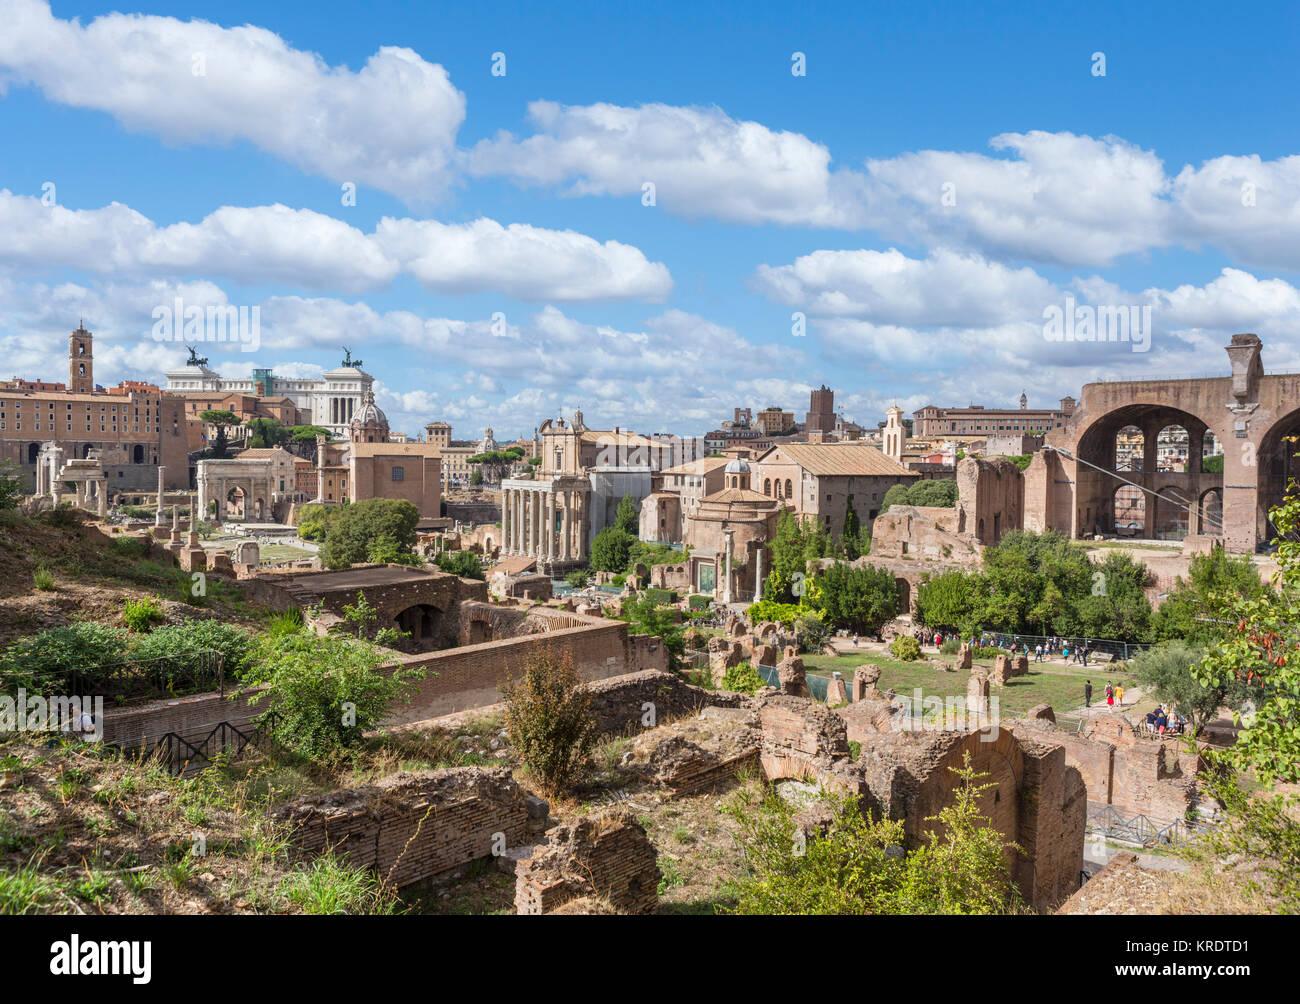 Roma, Forum. Vista dal Colle Palatino oltre le antiche rovine del Foro Romano, Roma, Italia Immagini Stock